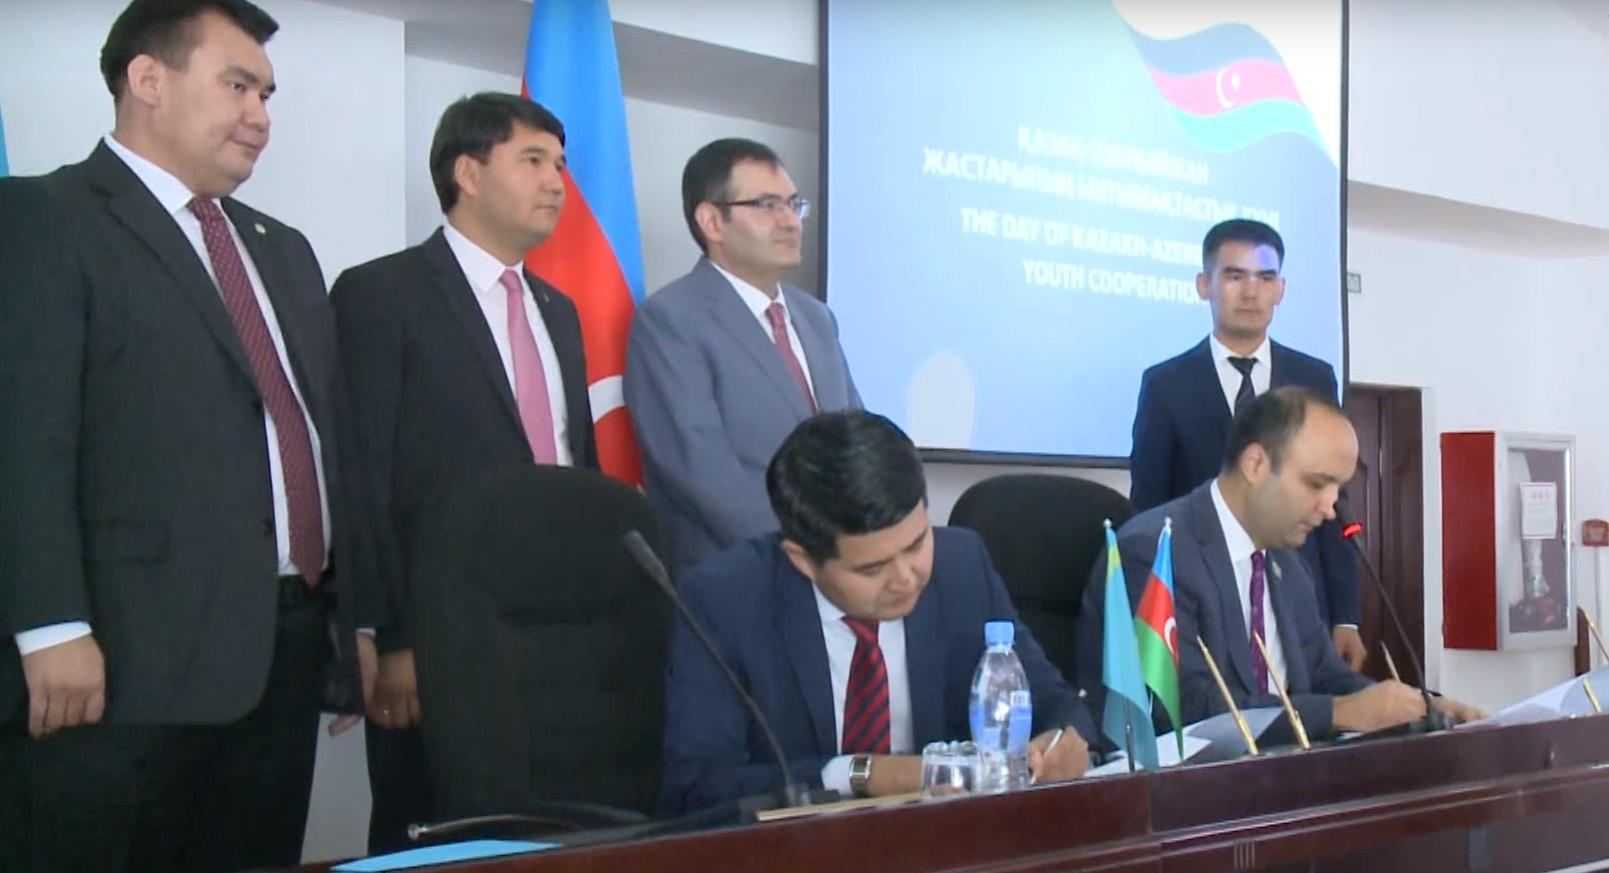 Молодежные организации Азербайджана и Казахстана подписали меморандум об обмене опытом, взаимодействии и сотрудничестве